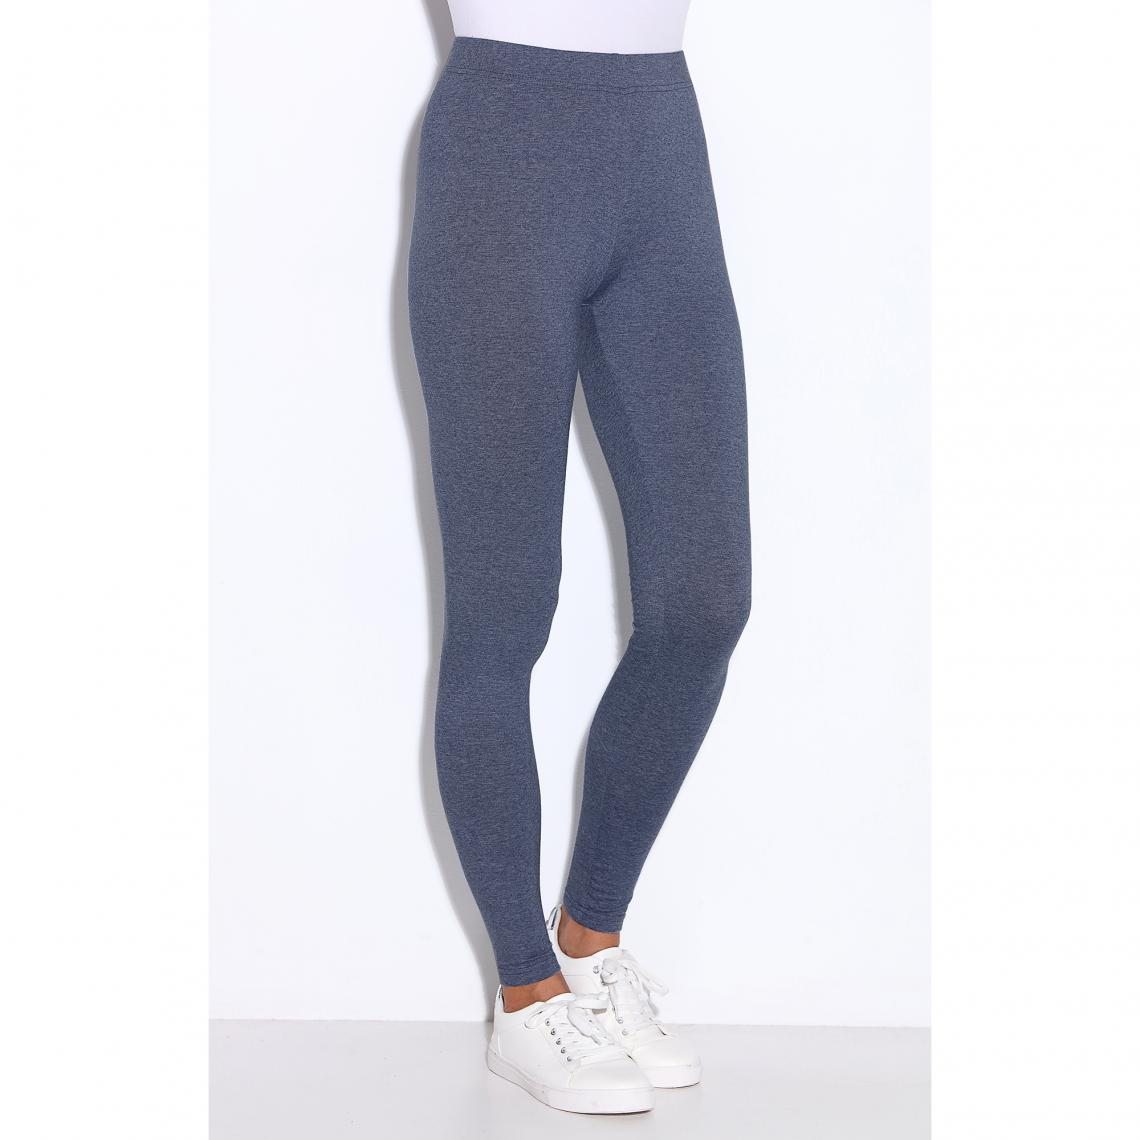 Legging uni sans coutures taille élastique femme Bleu Plus de détails